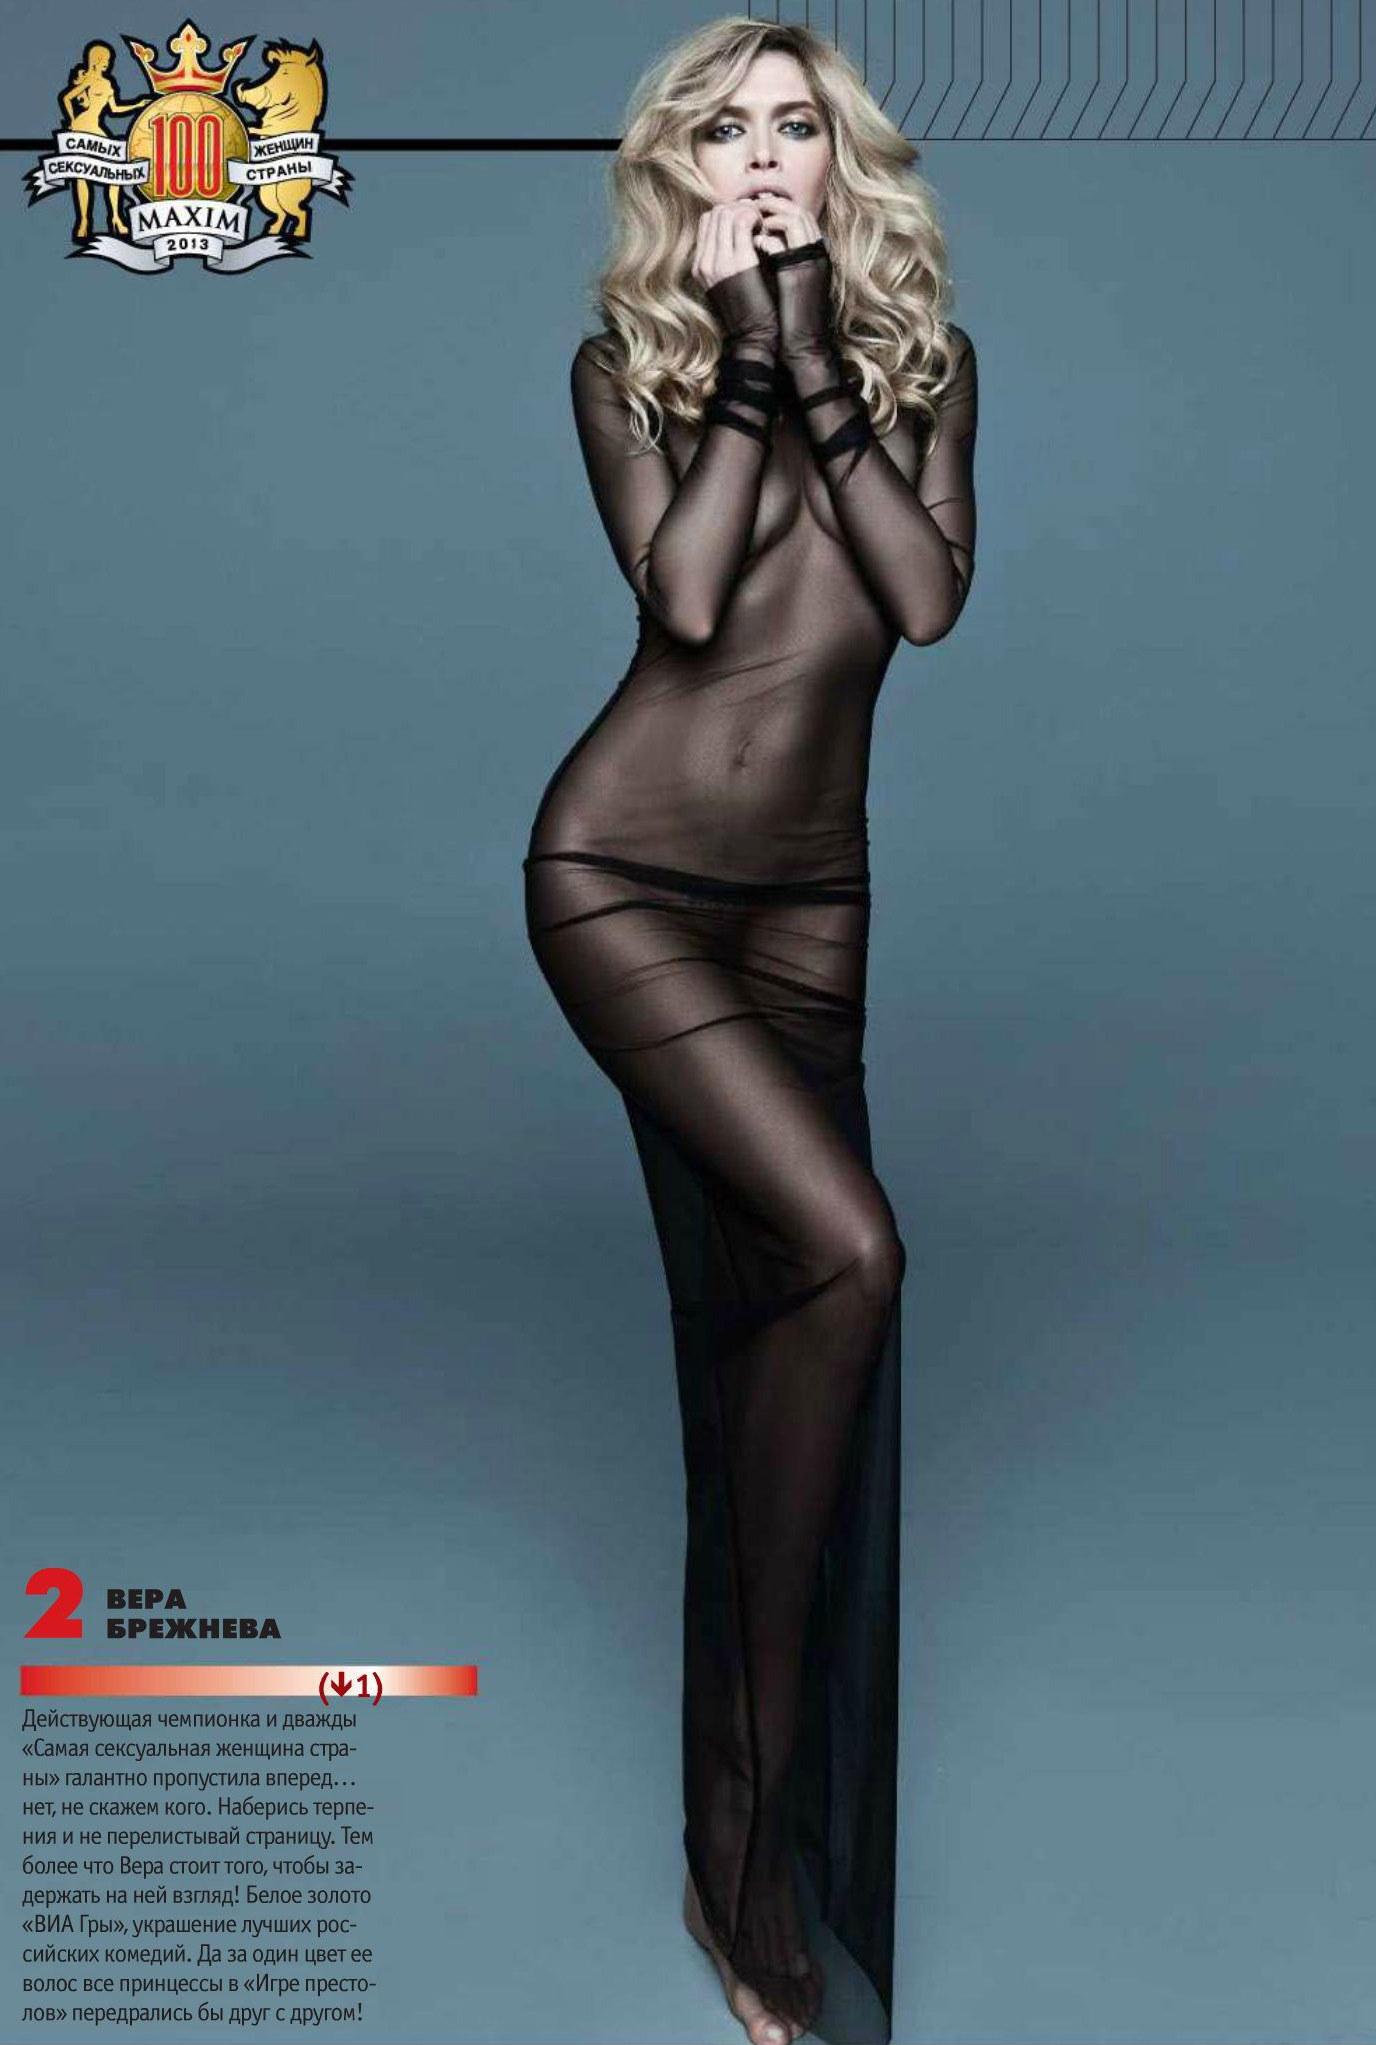 Самые красивые девушки россии по версии максим 8 фотография